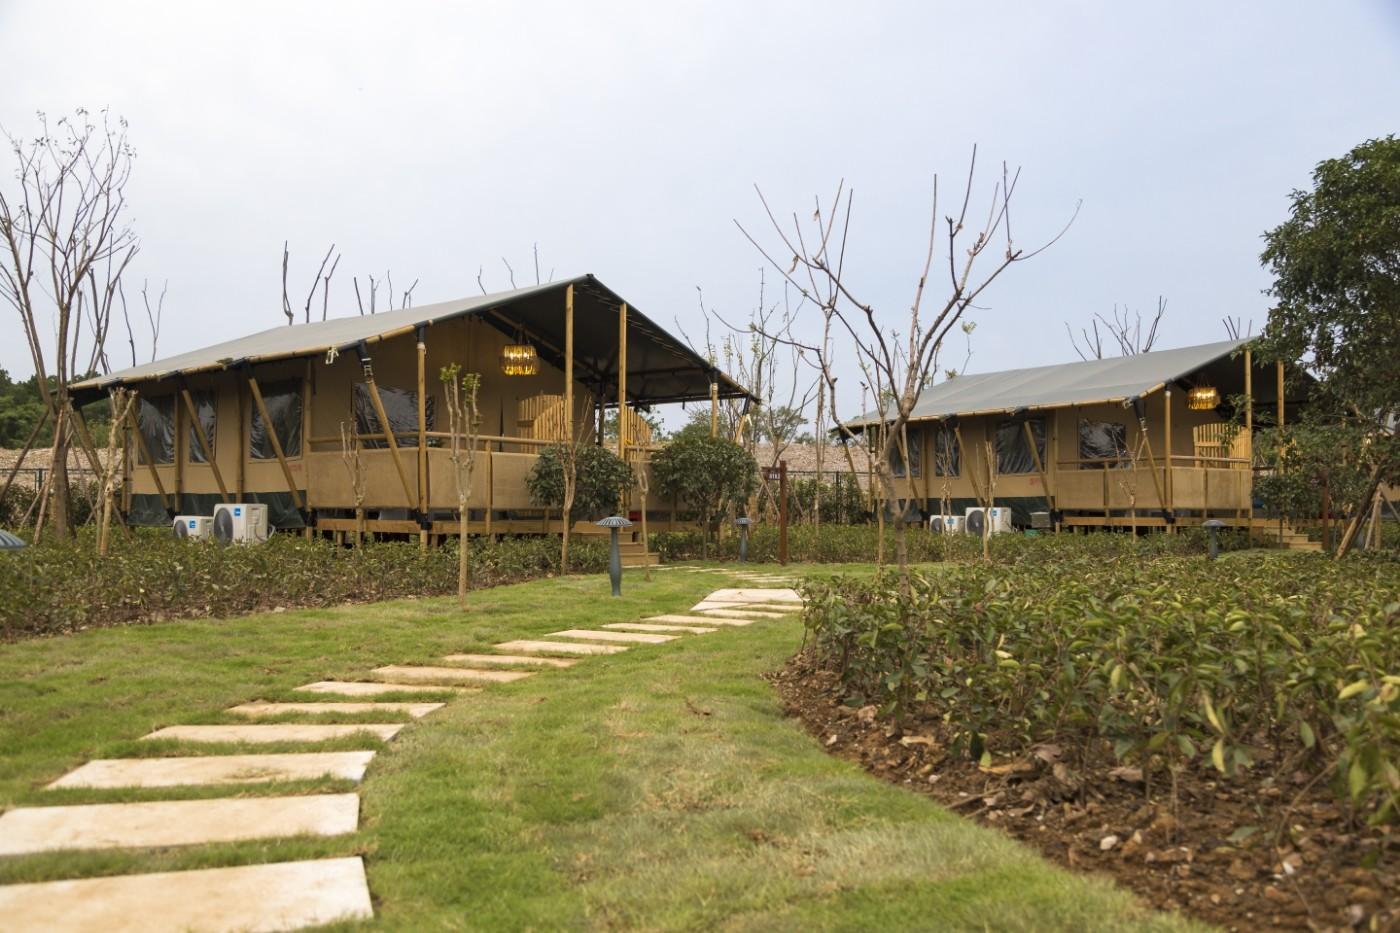 喜马拉雅野奢帐篷酒店—太湖湾露营谷6